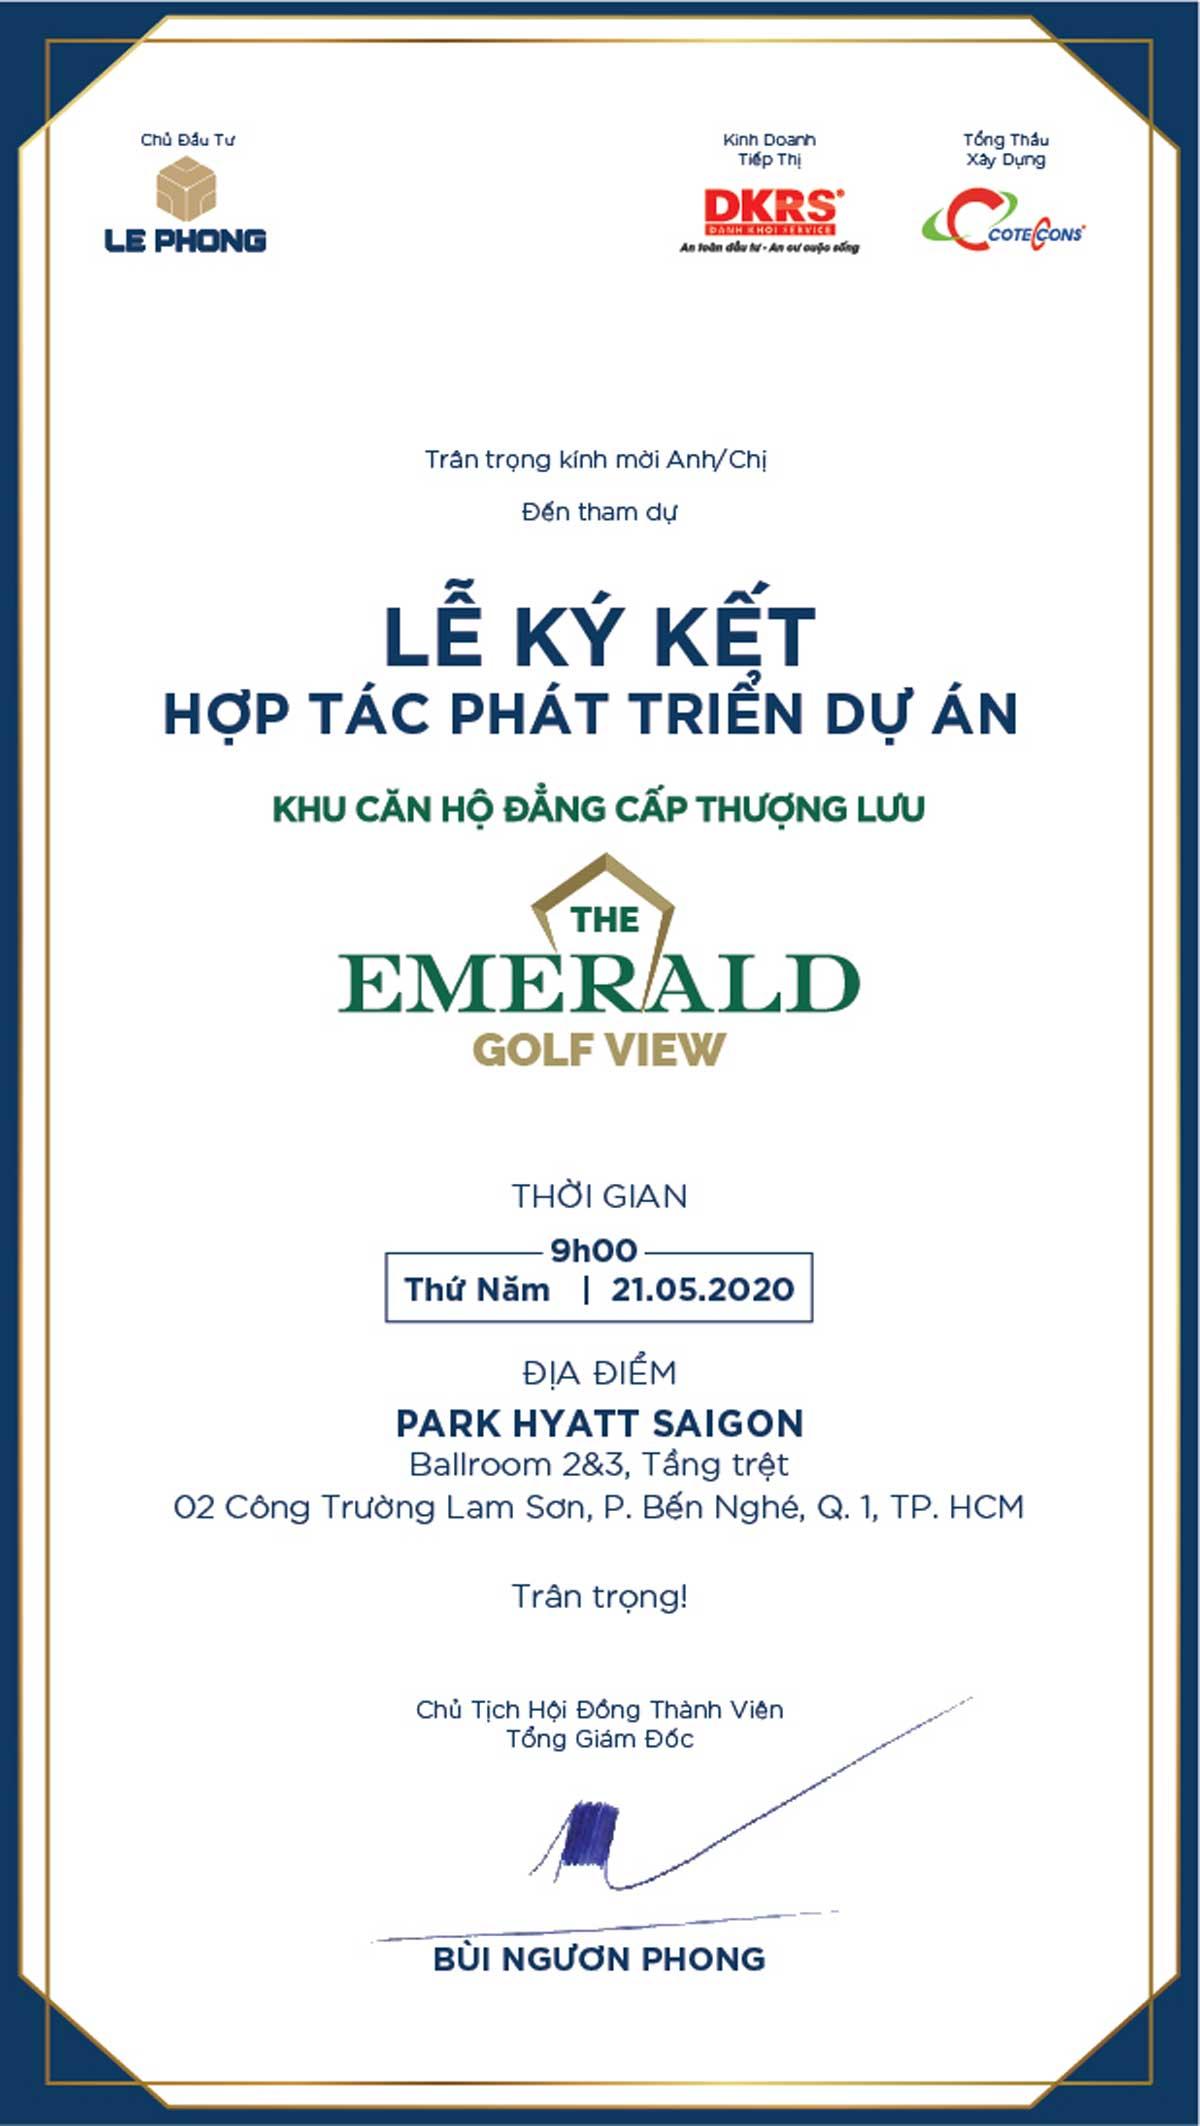 lễ ký kết hợp tác phát triển dự án khu căn hộ the emerald golf view - LỄ KÝ KẾT HỢP TÁC PHÁT TRIỂN DỰ ÁN KHU CĂN HỘ THE EMERALD GOLF VIEW